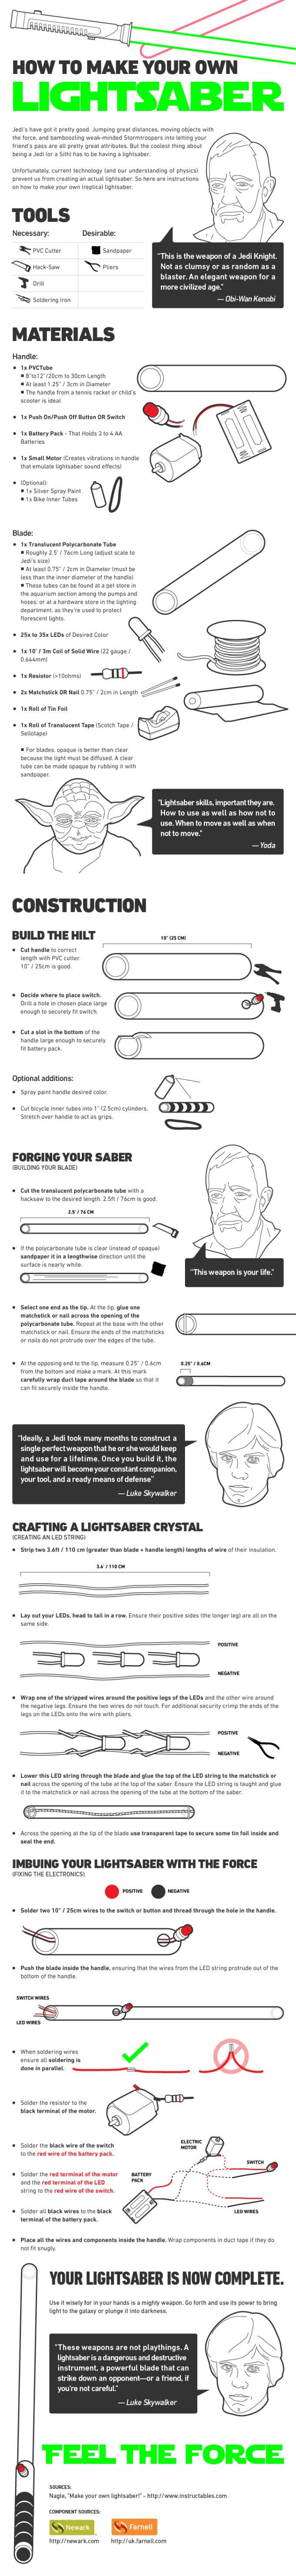 Instructions de montage d'un sabre-laser #starwars